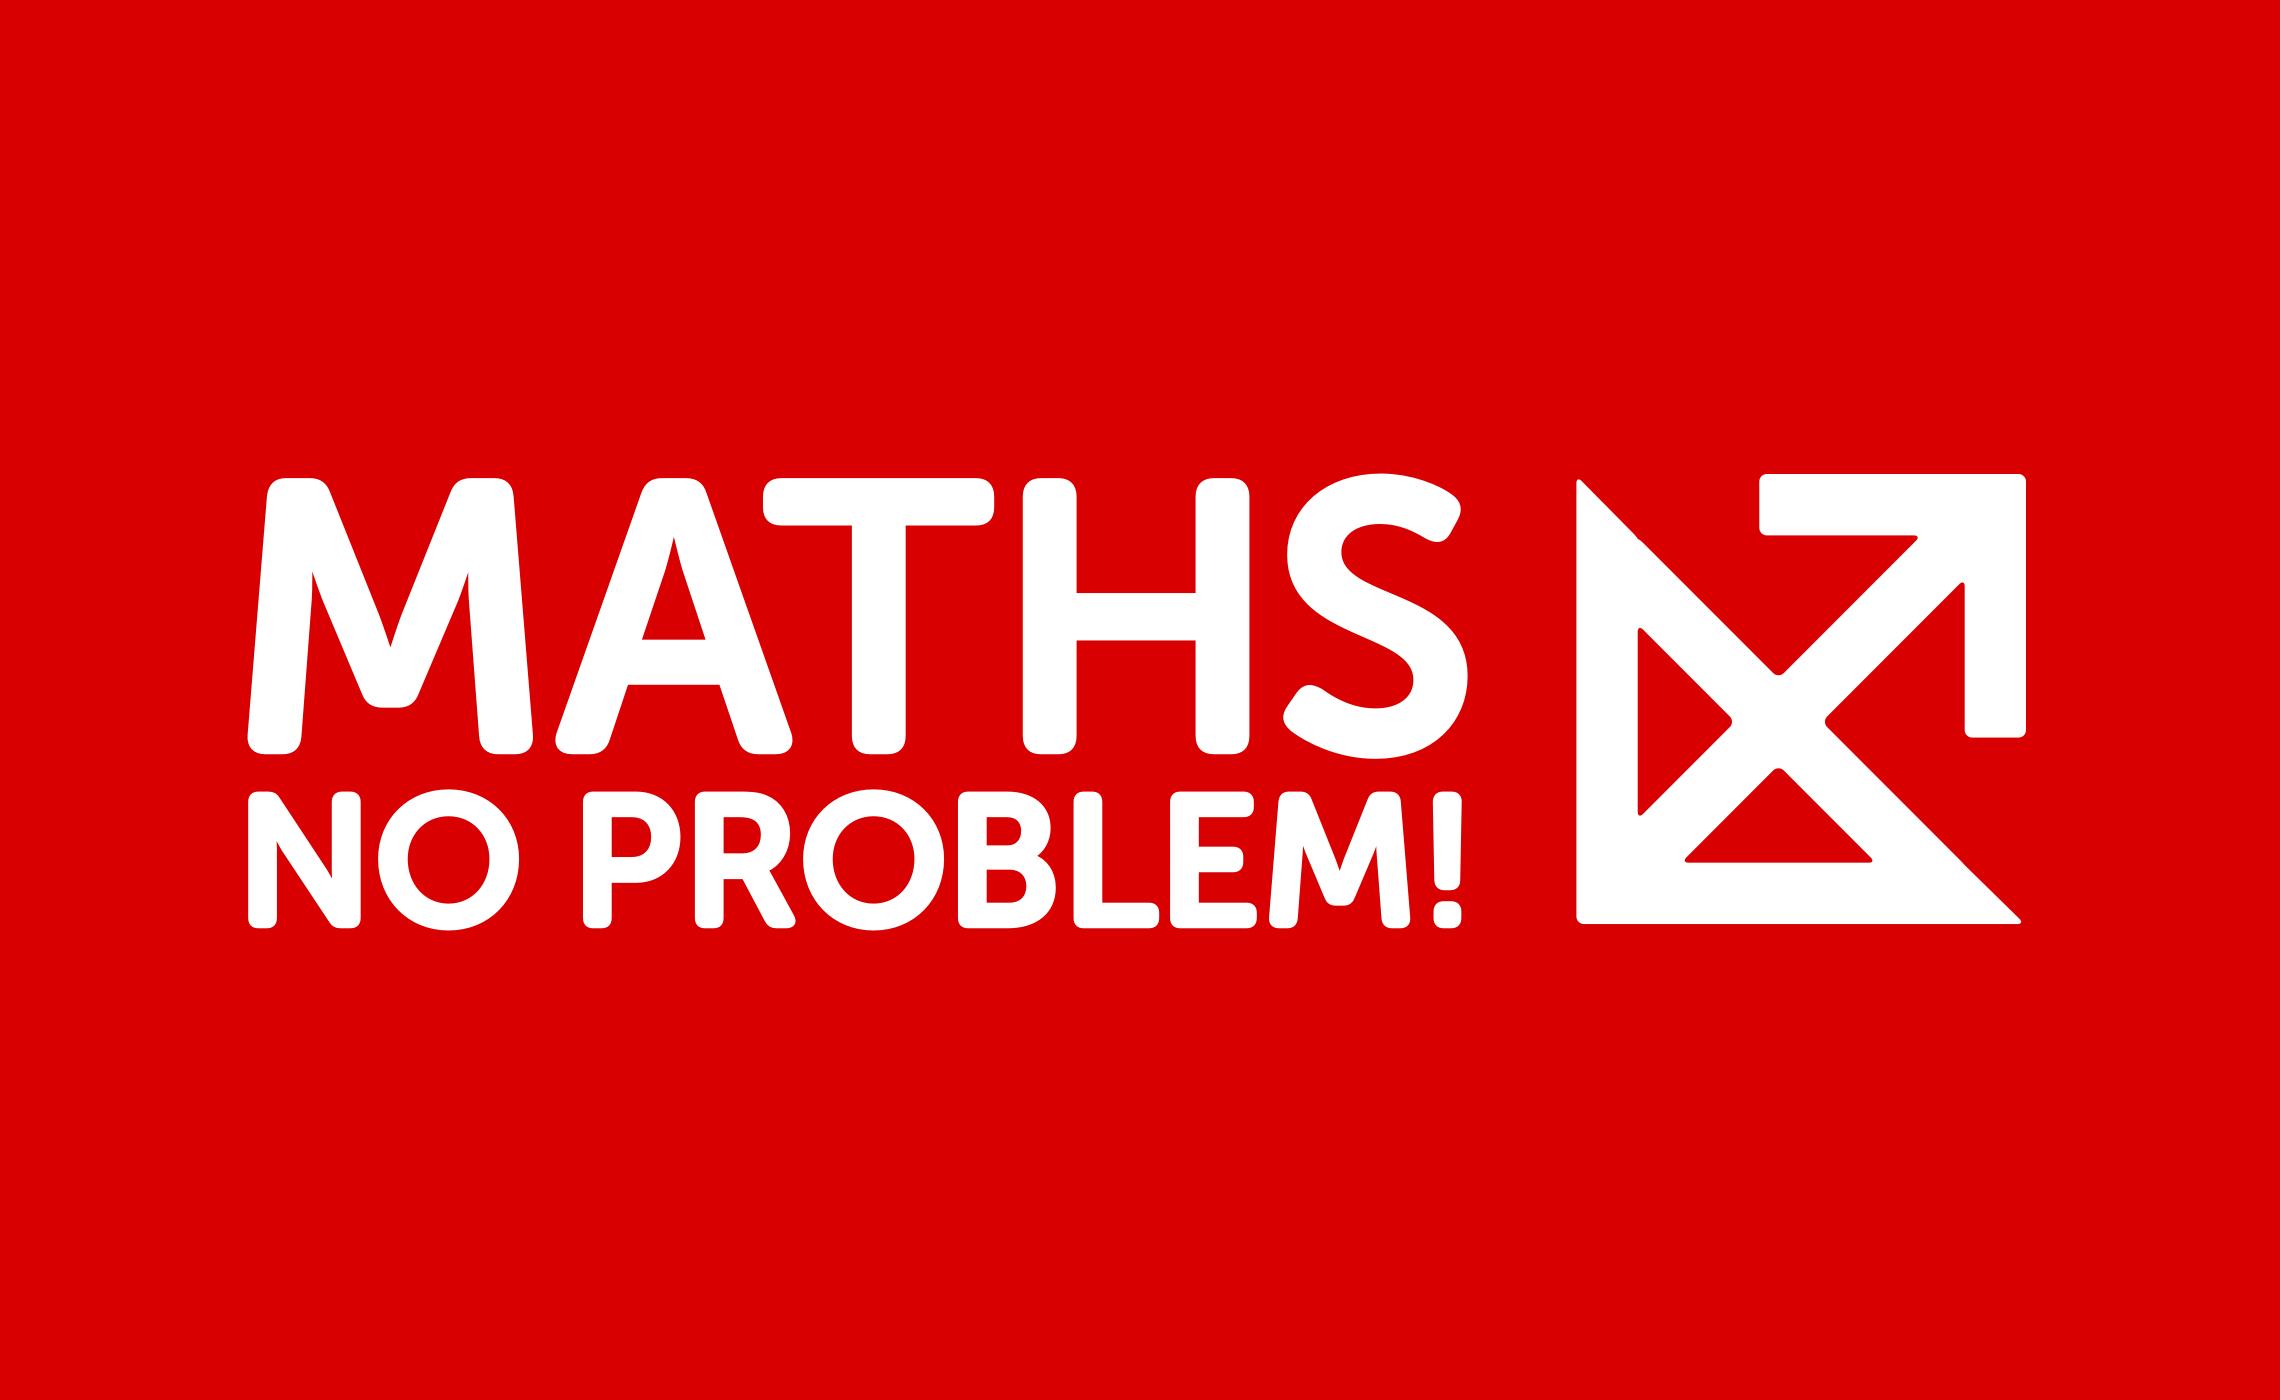 Maths No Problem – branding